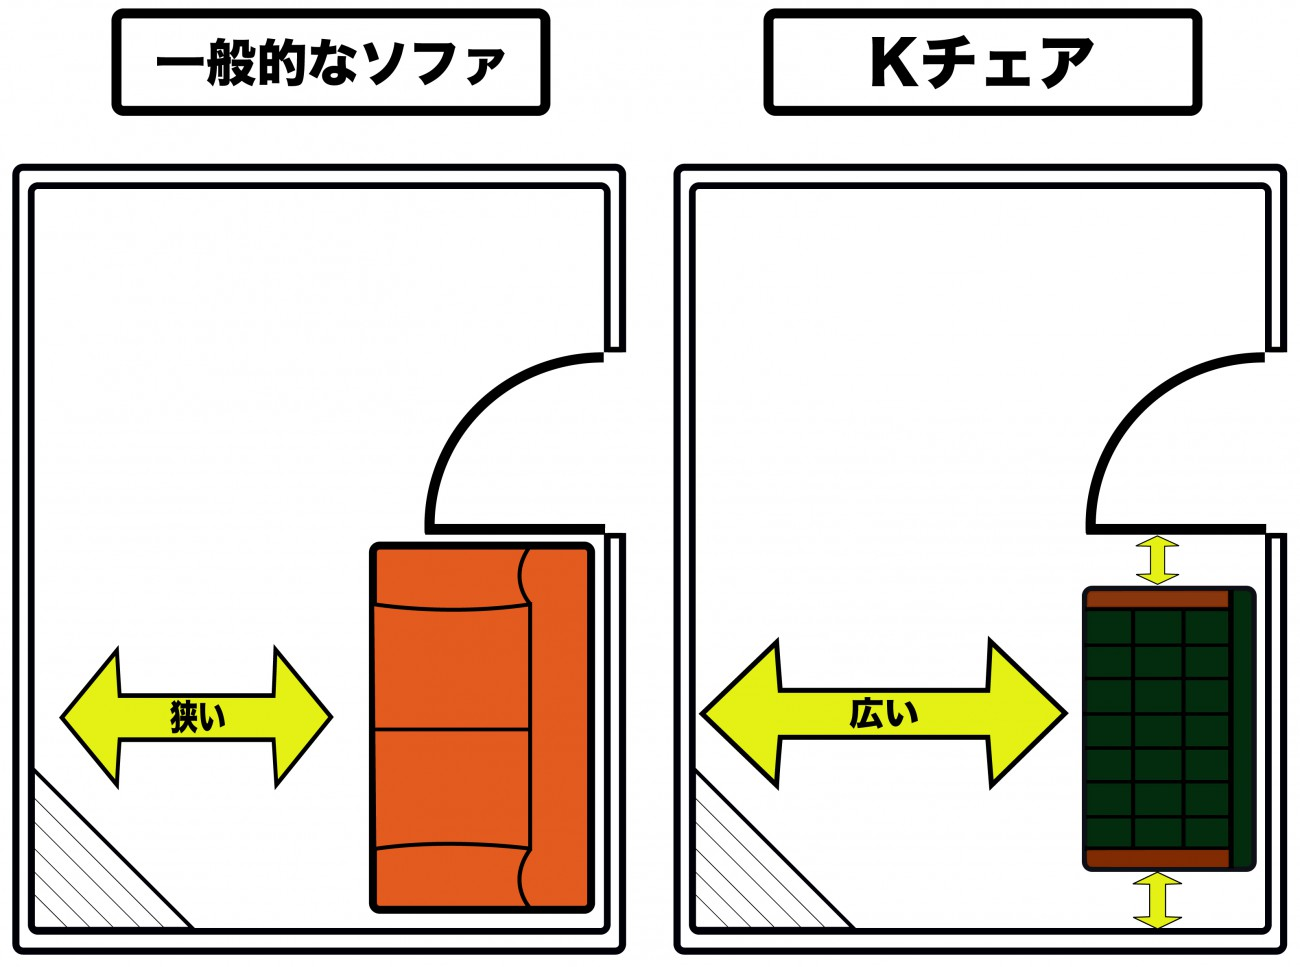 Kチェアと一般的なソファのサイズ比較